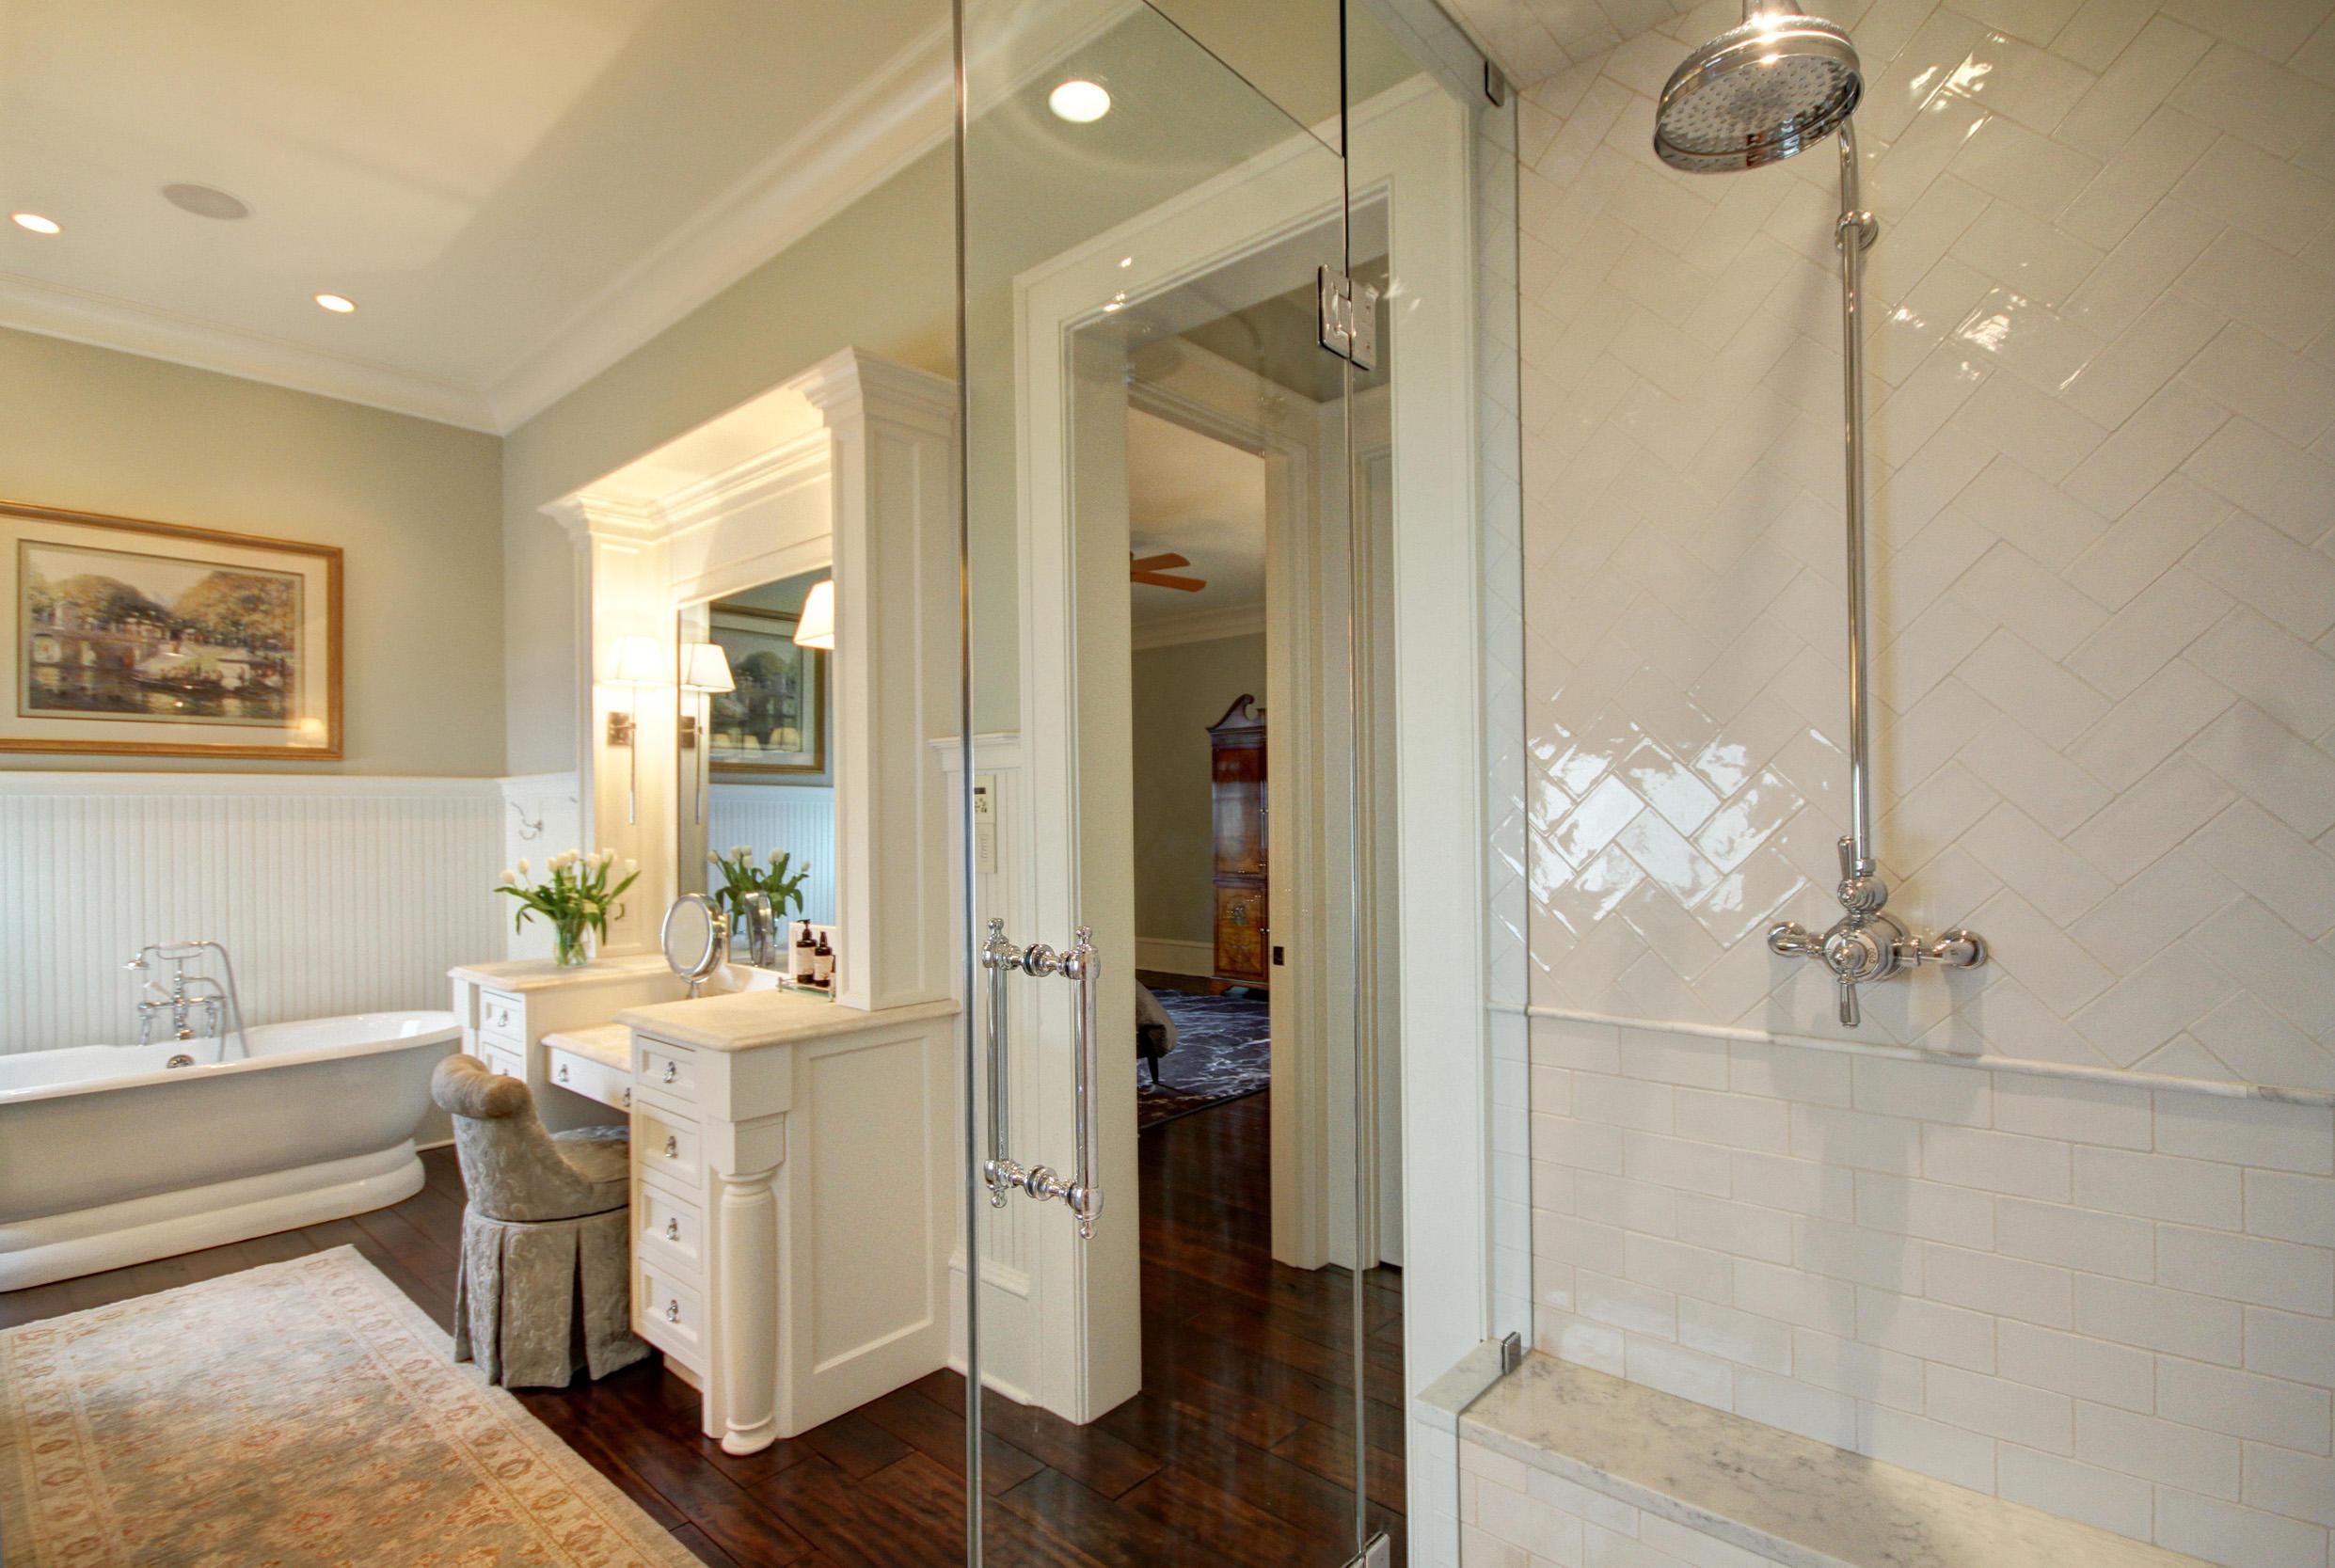 Belle Hall Homes For Sale - 821 Bridgetown Pass, Mount Pleasant, SC - 5